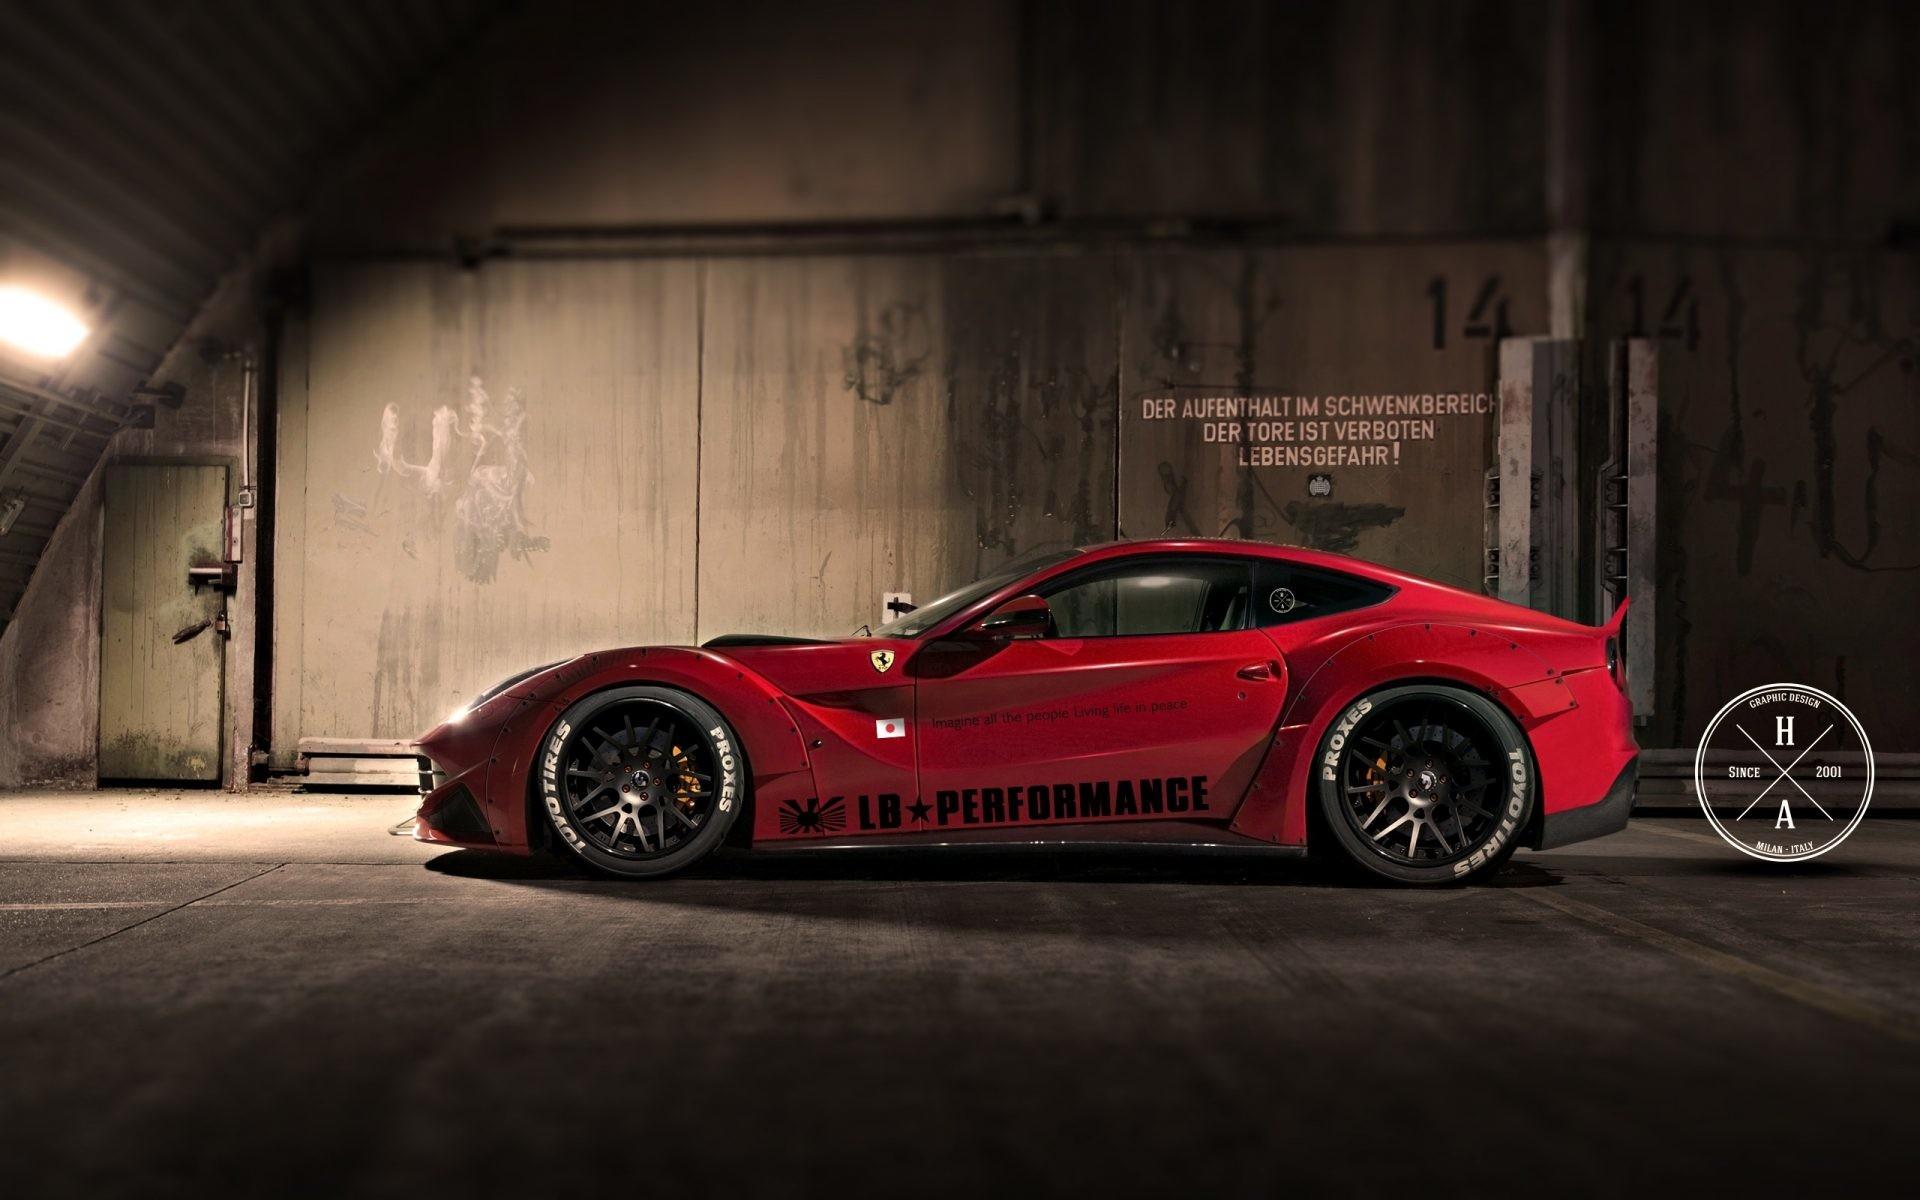 Ferrari F12 Japan Sport Car 4k Ultra HD Wallpaper